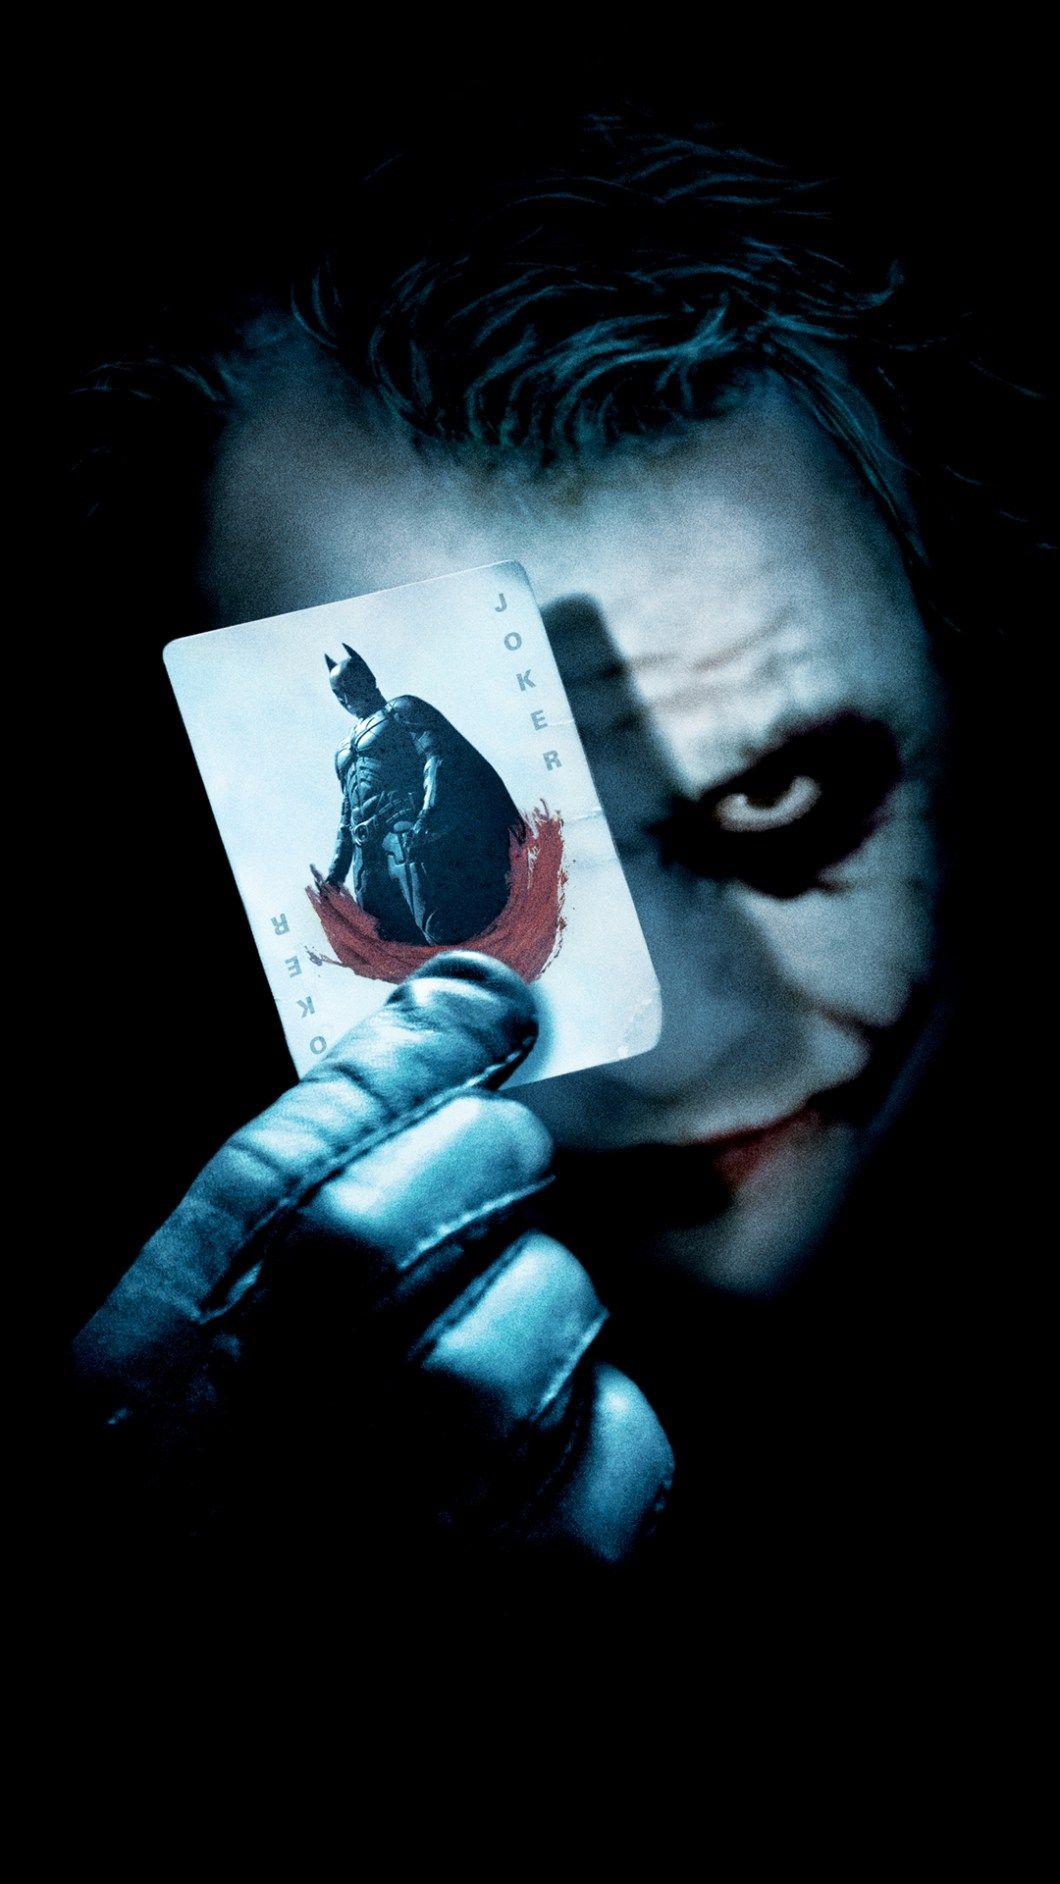 Joker Wallpapers Hd For Mobile - Joker Hd Wallpaper For Mobile - HD Wallpaper